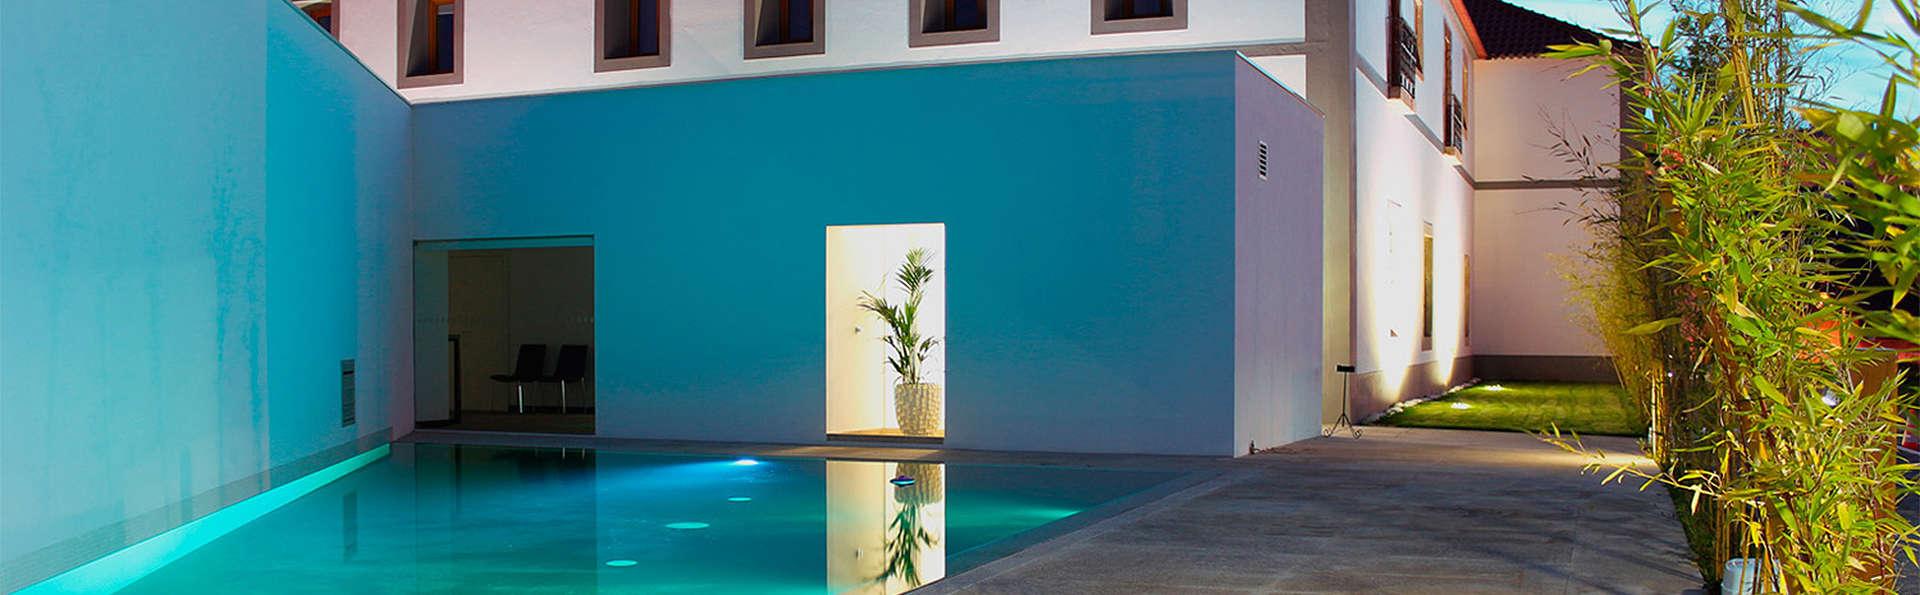 Convento da Serta Hotel by Ymspyra (inactif) - EDIT_Exterio.jpg